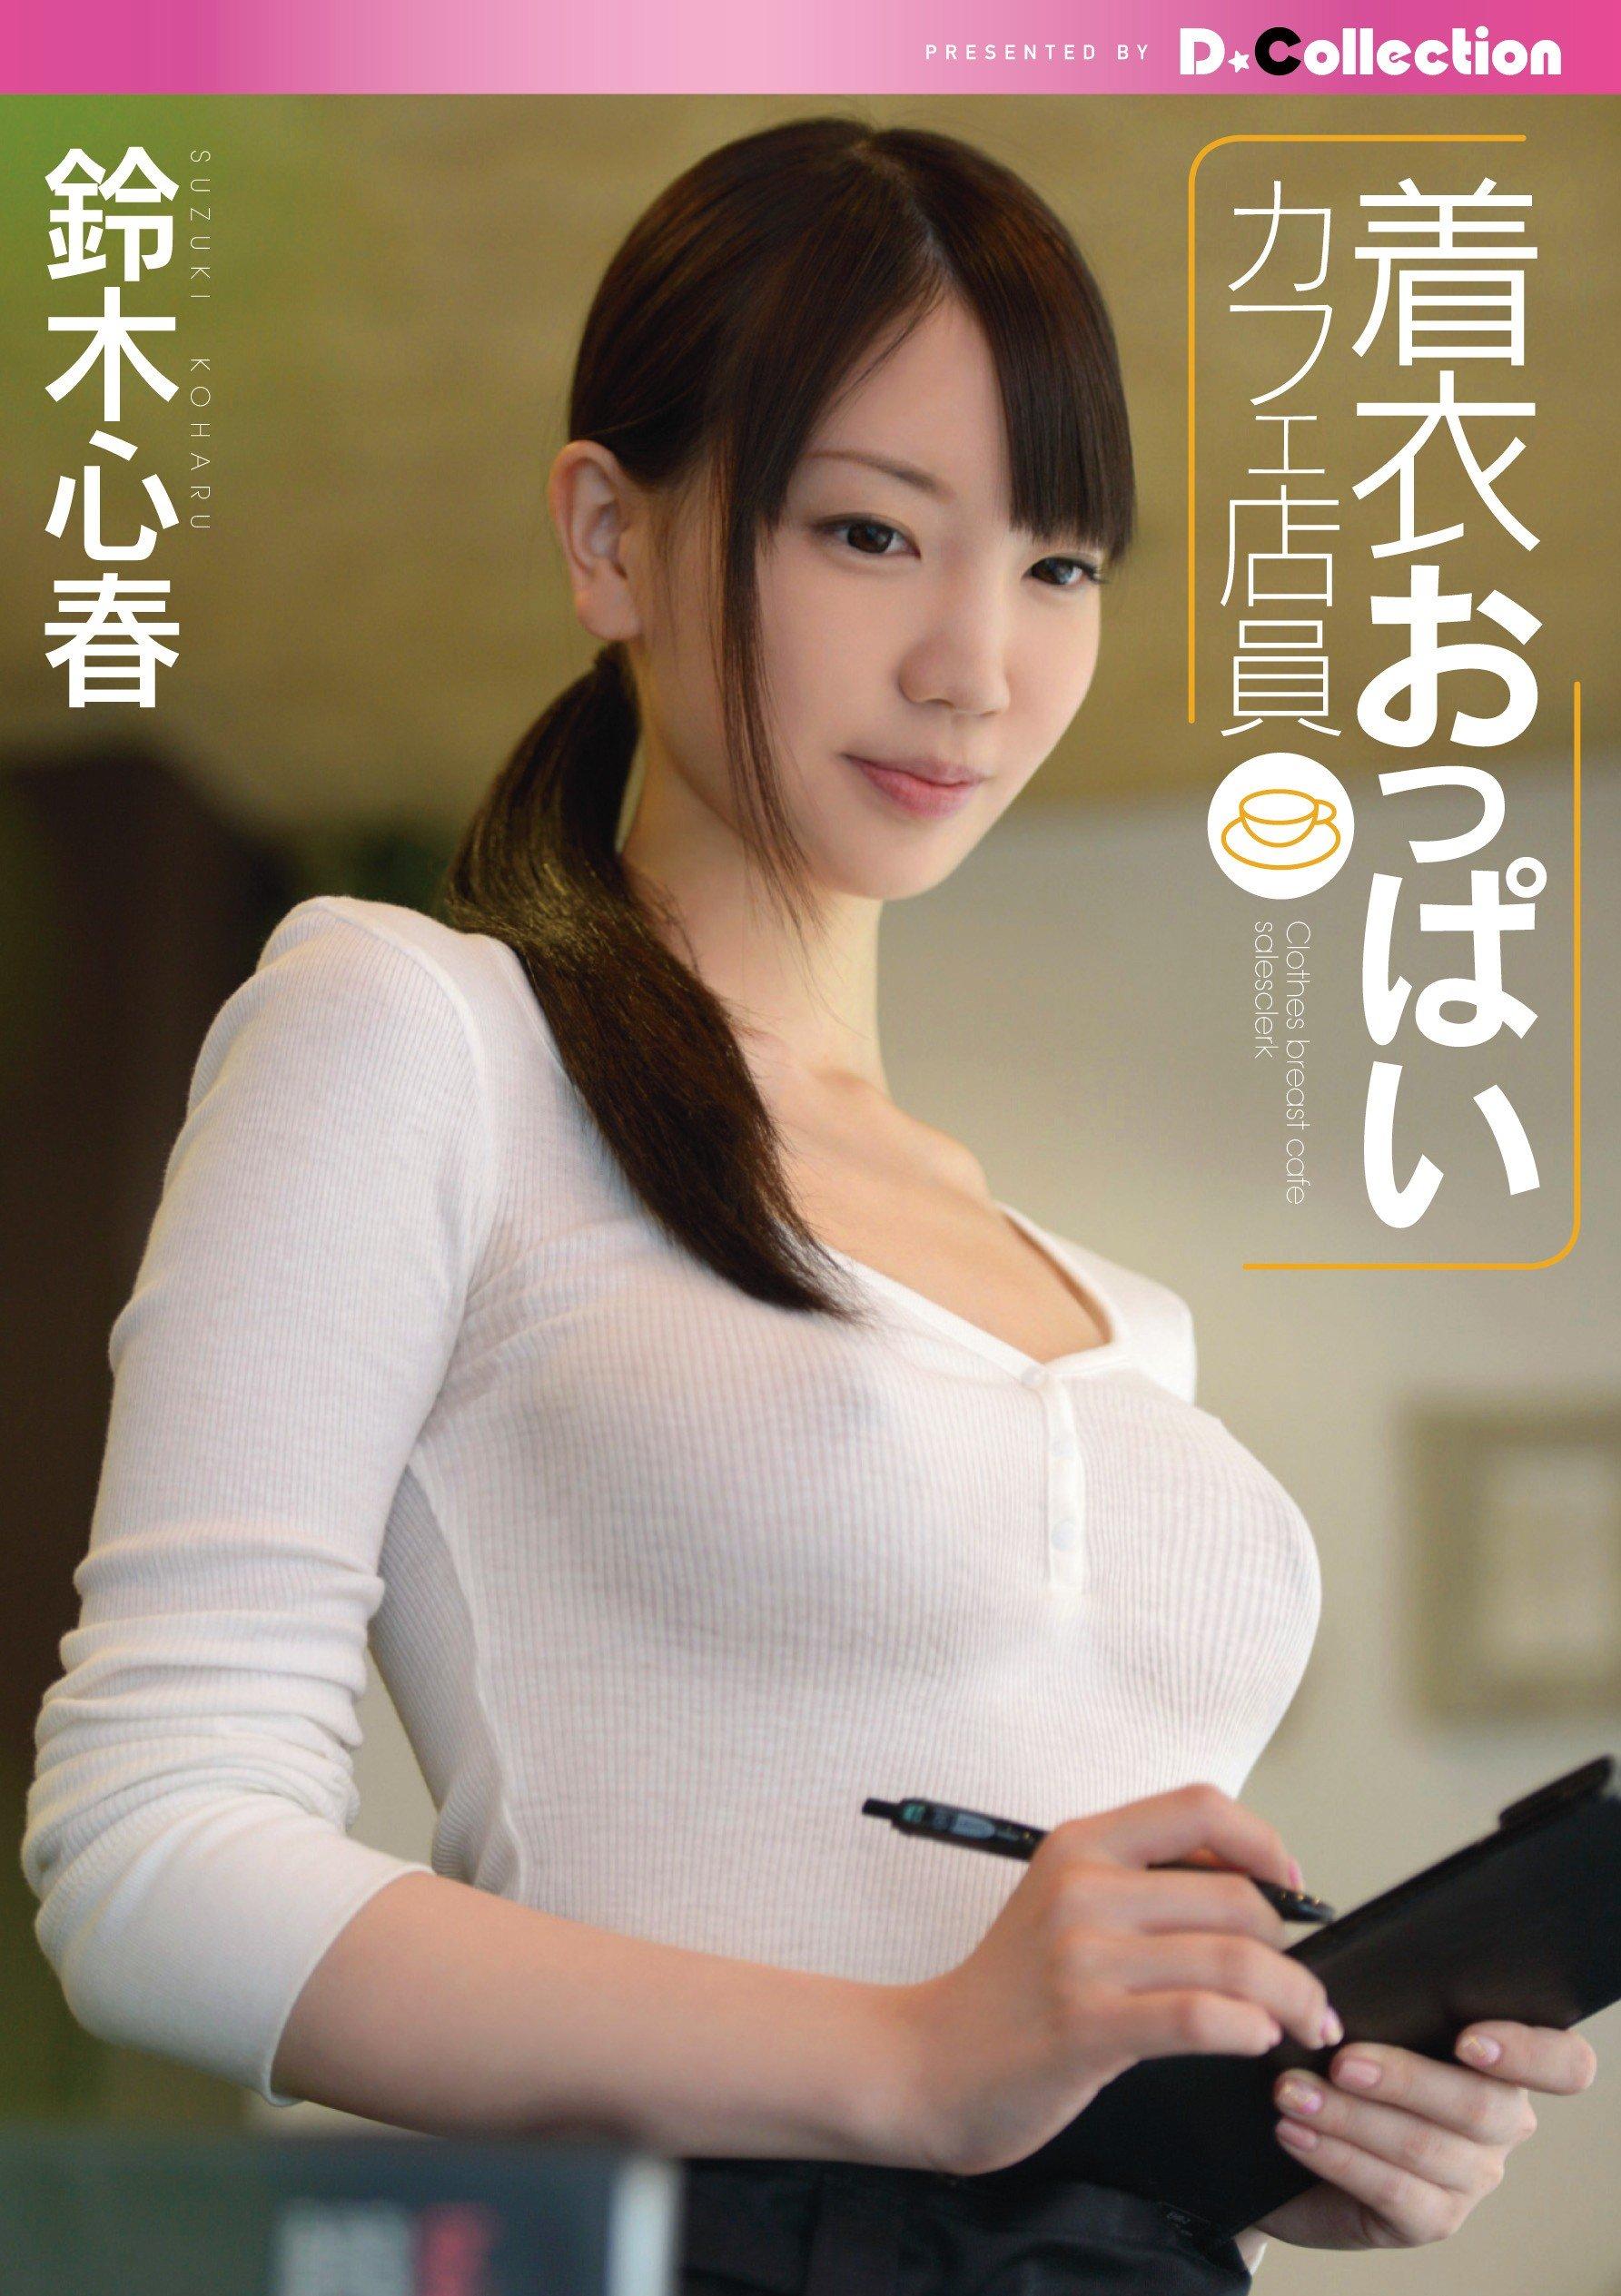 着衣おっぱいカフェ店員 鈴木心春 D☆Collection [DVD]